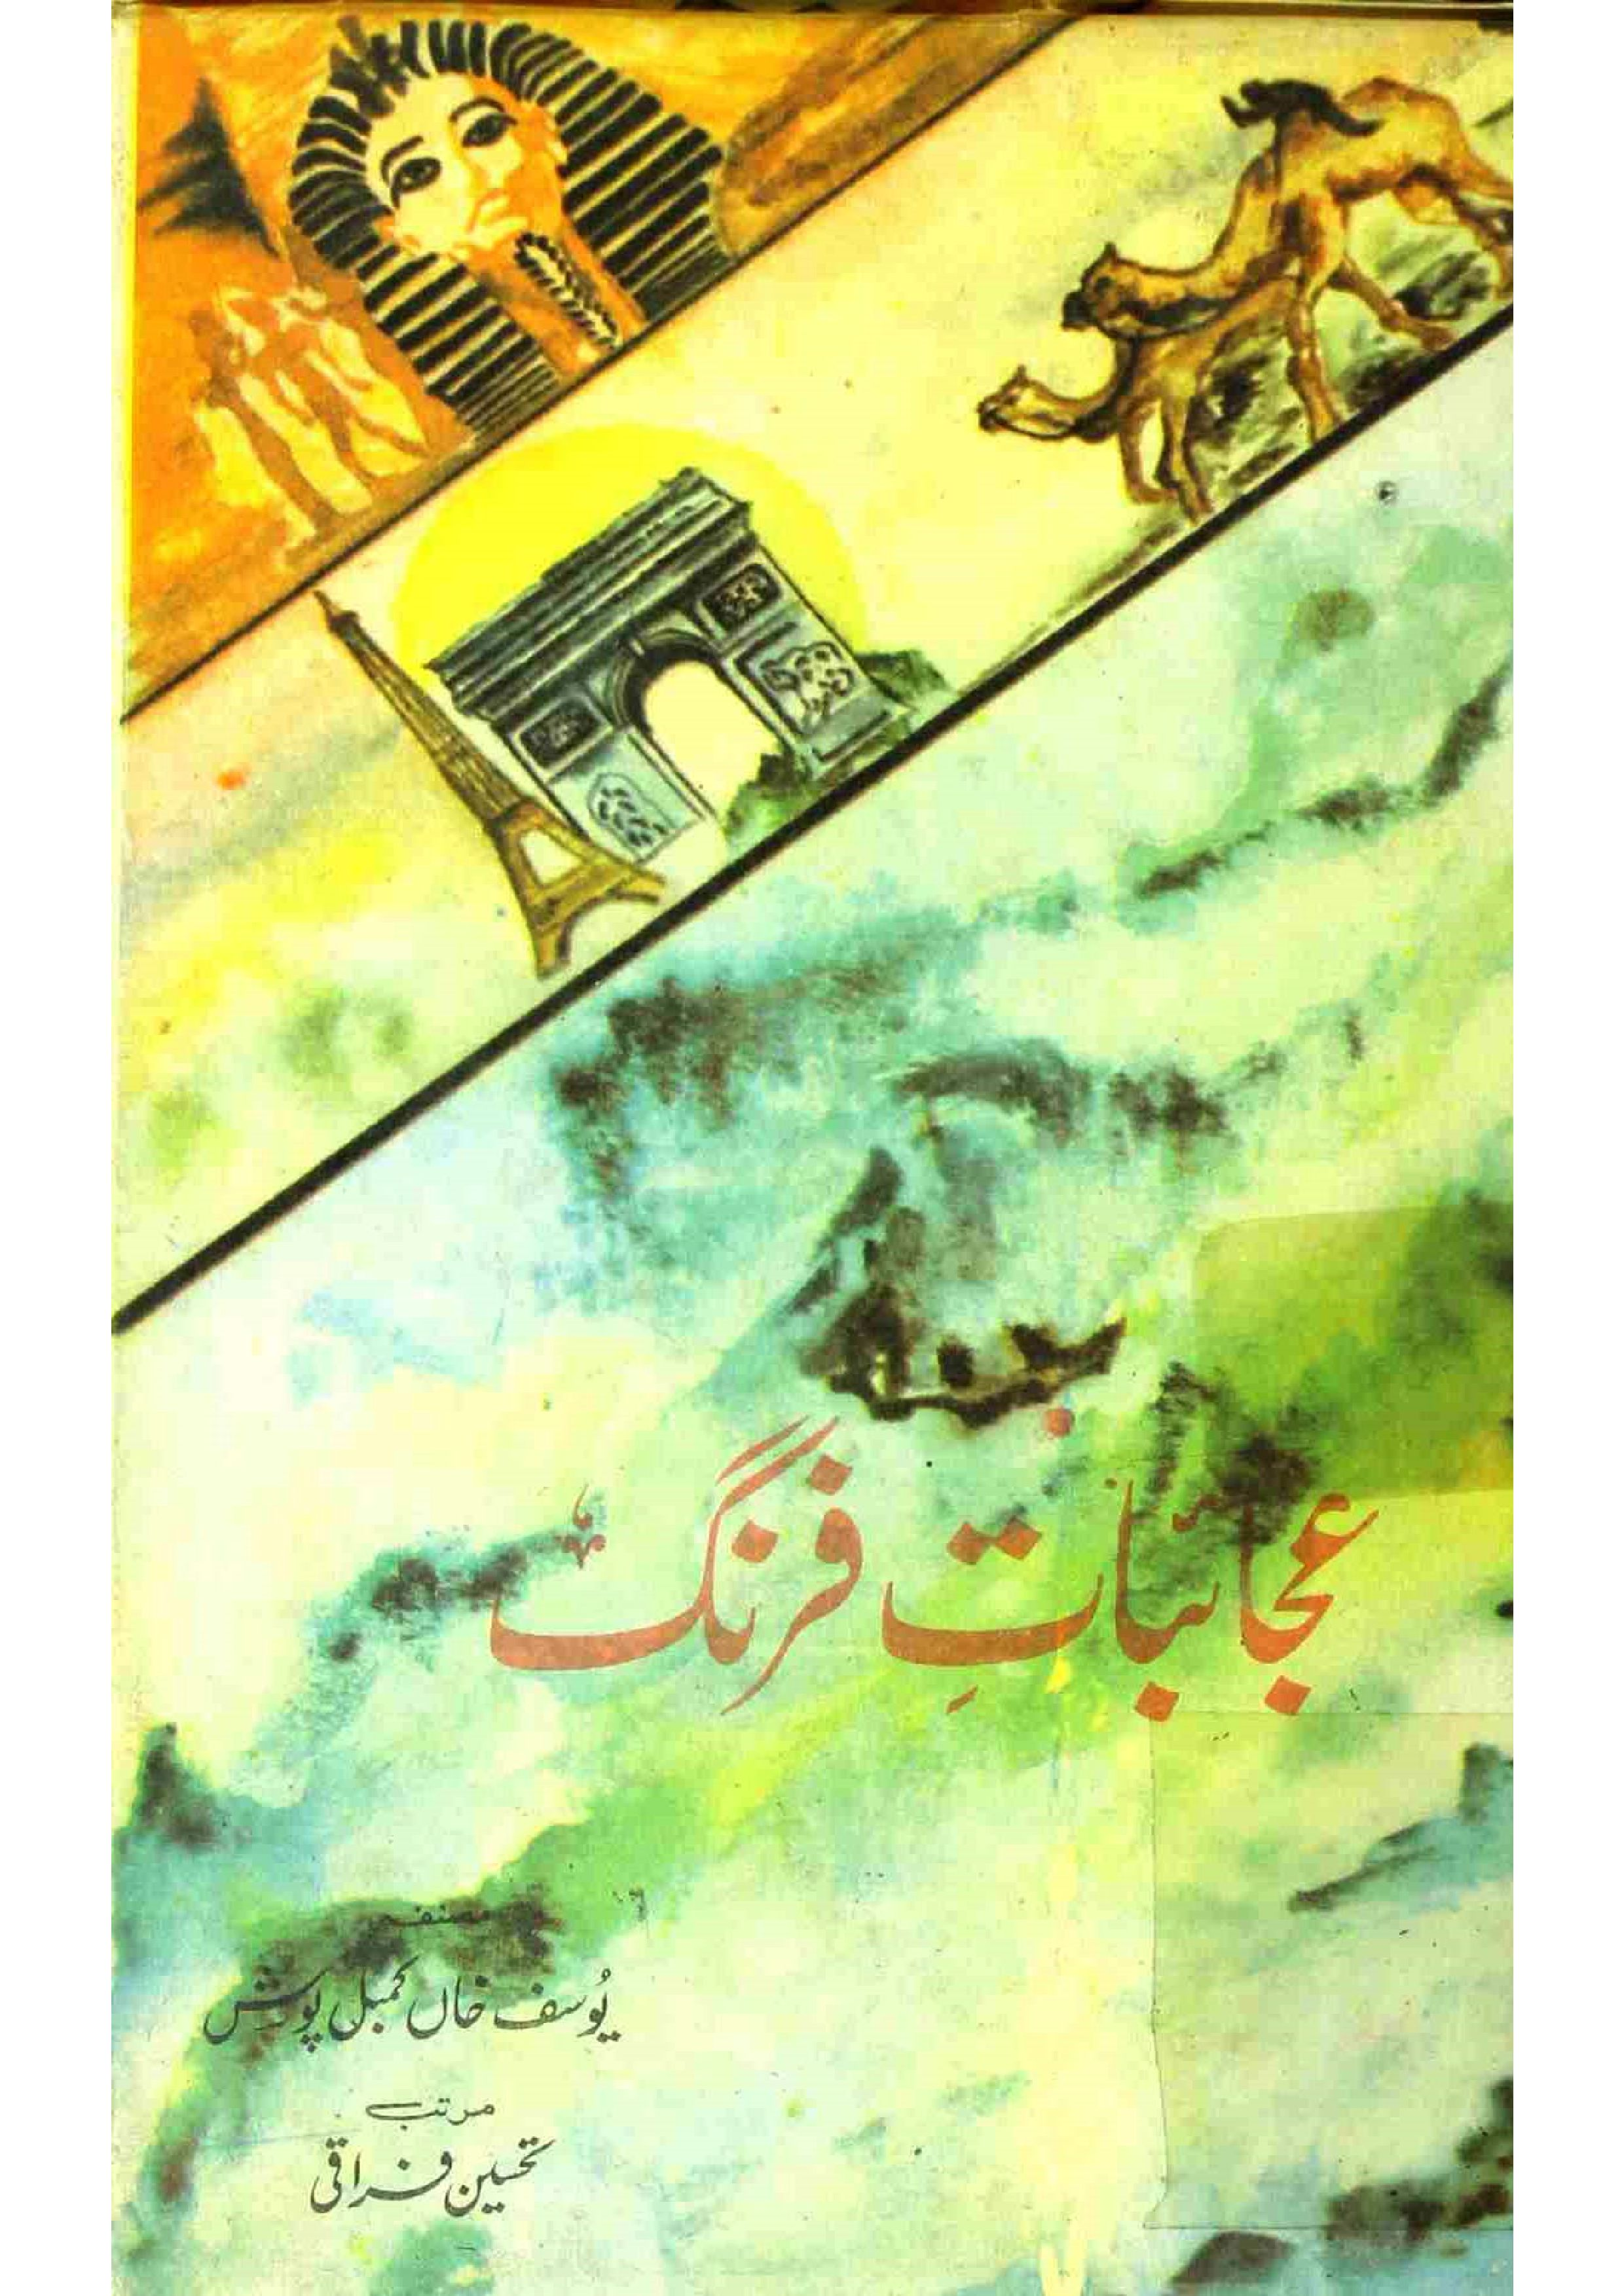 Ajaibaat-e-Farang